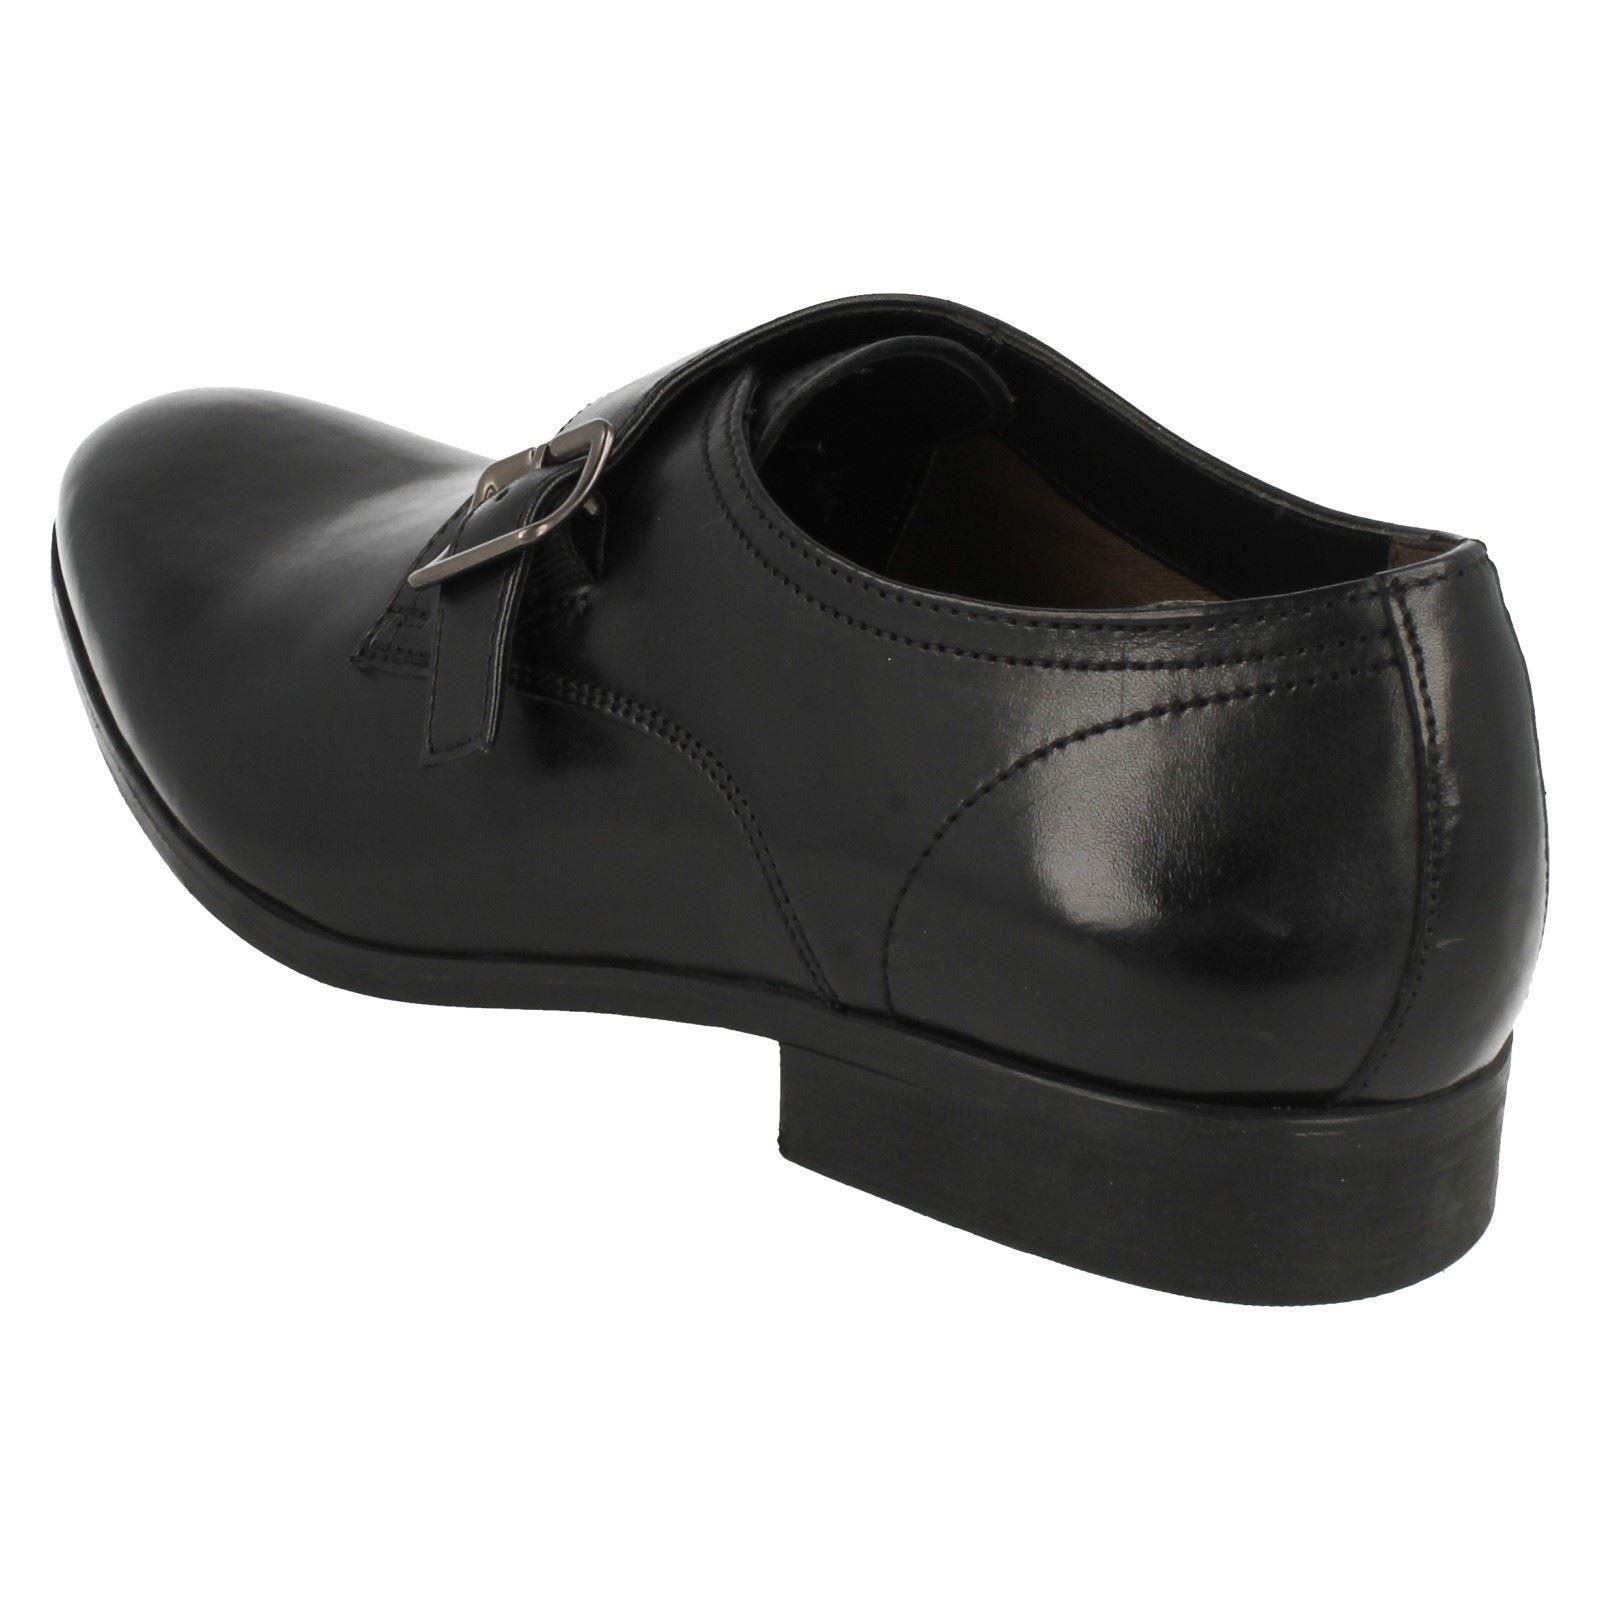 Banfield Tira Detalles Clarks Y Monje Zapatos' De Hebilla Hombre ' bgf67Yy